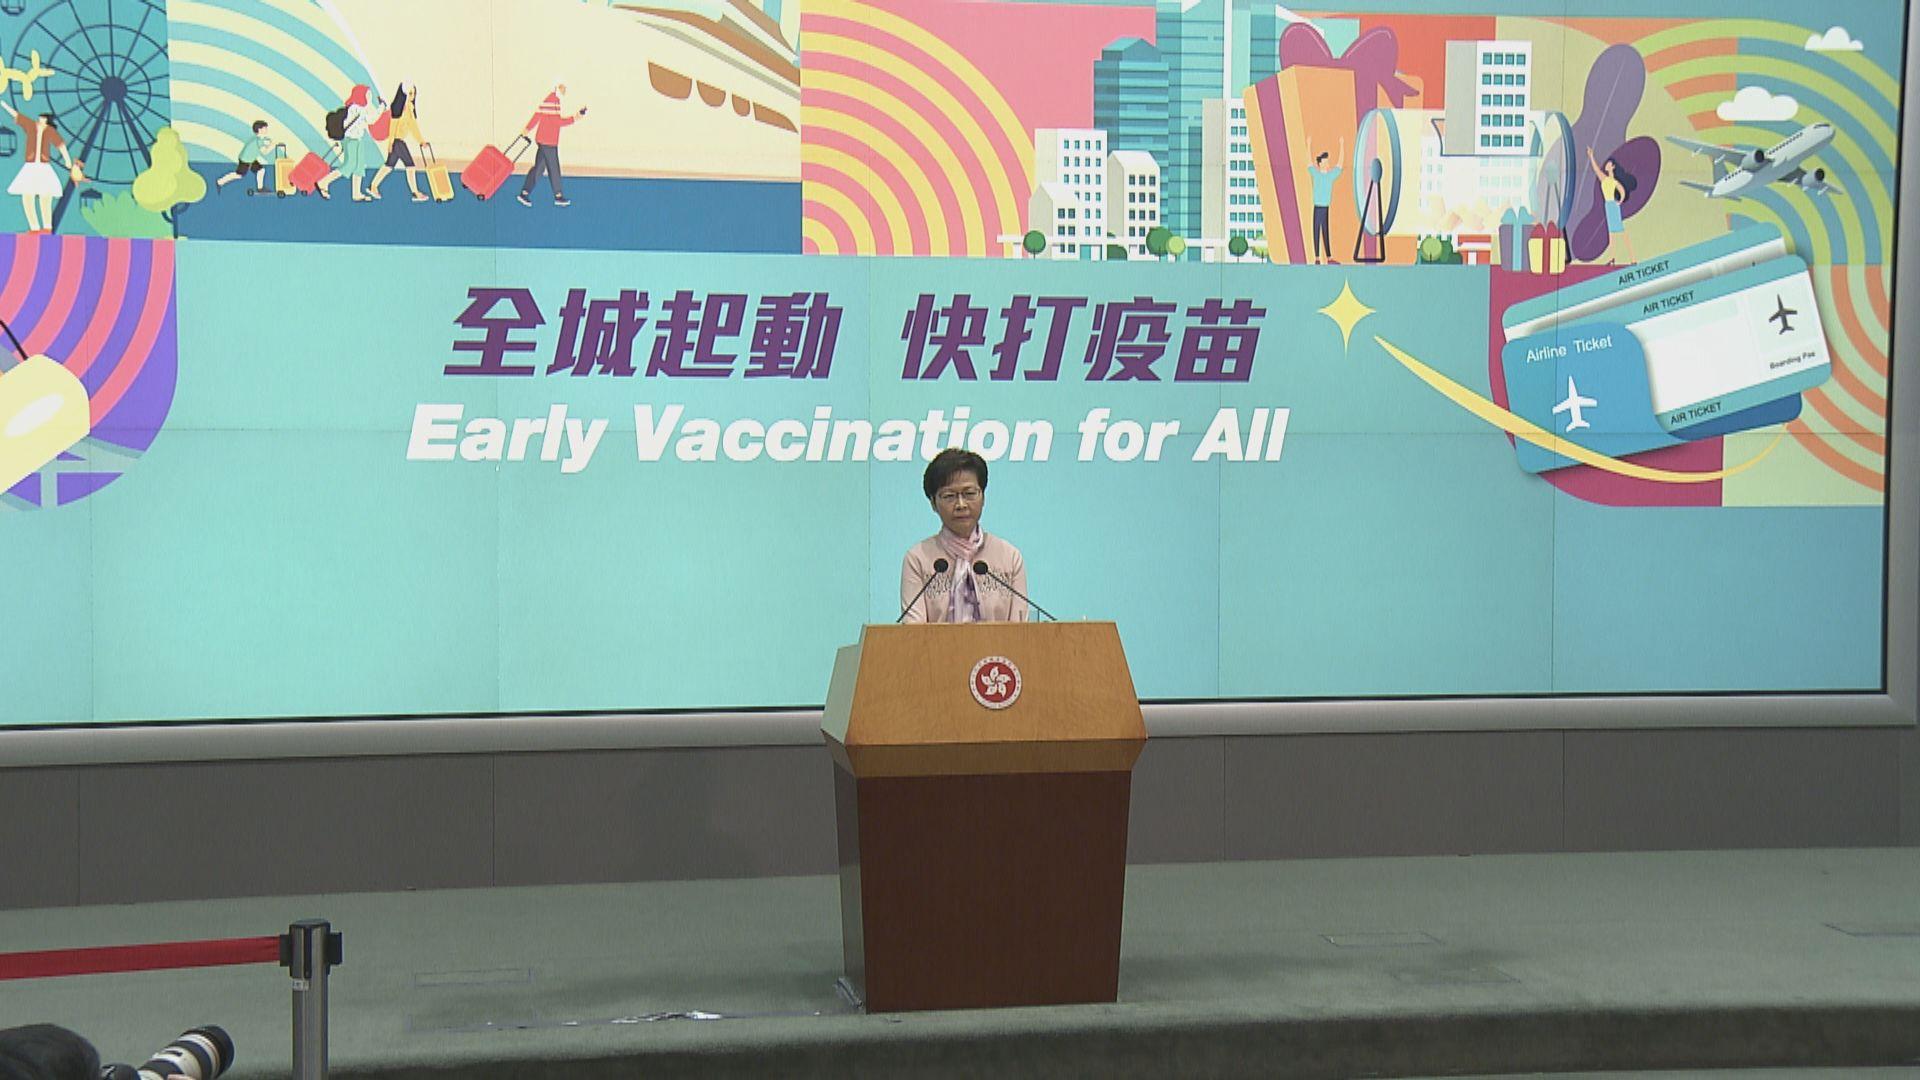 林鄭對批評同樂會言論遺憾 指不接受分化社會言論